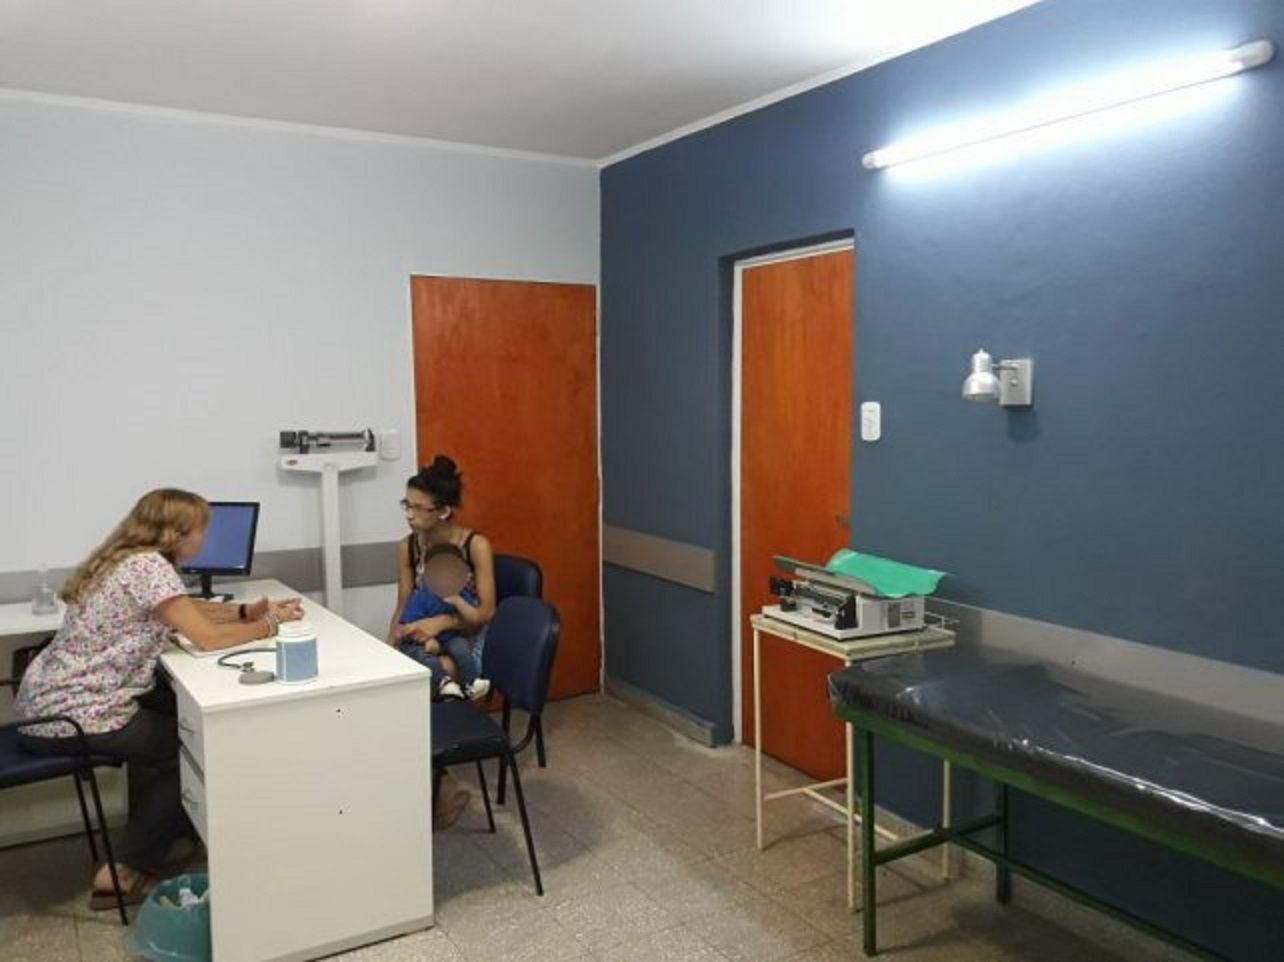 Así quedó la sala pediátrica del hospital después de la refacción.